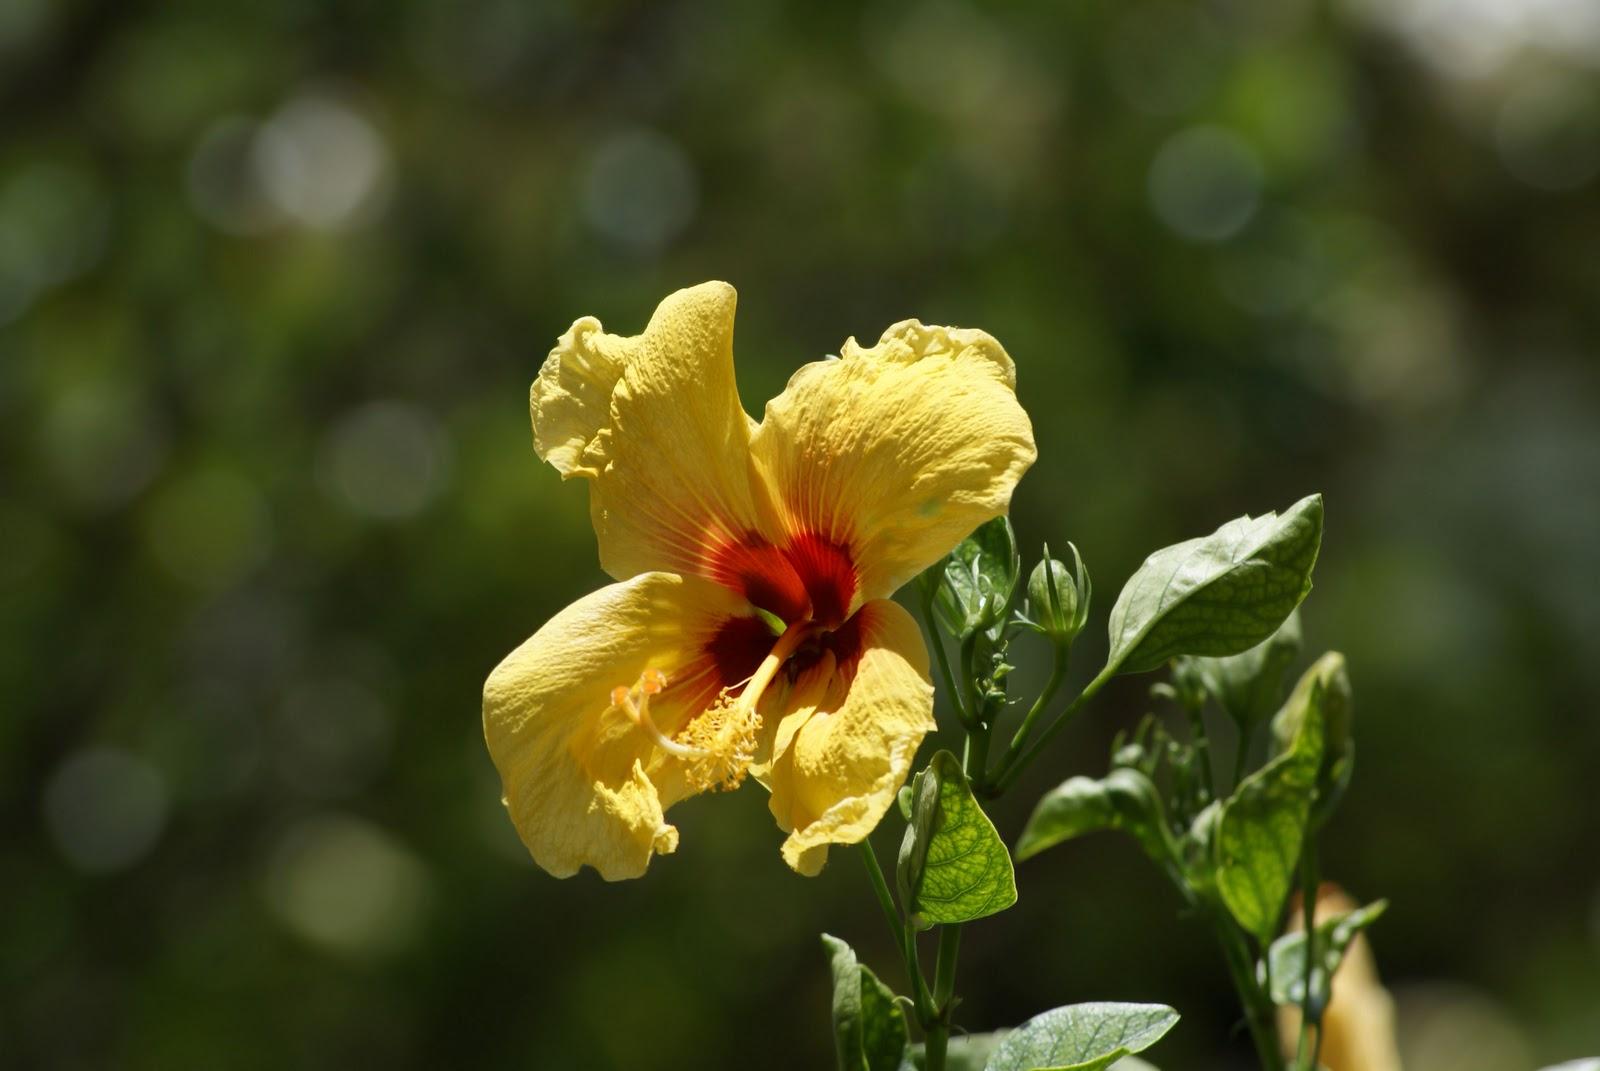 Exotic plants and flowers in Maui | La vita è bella